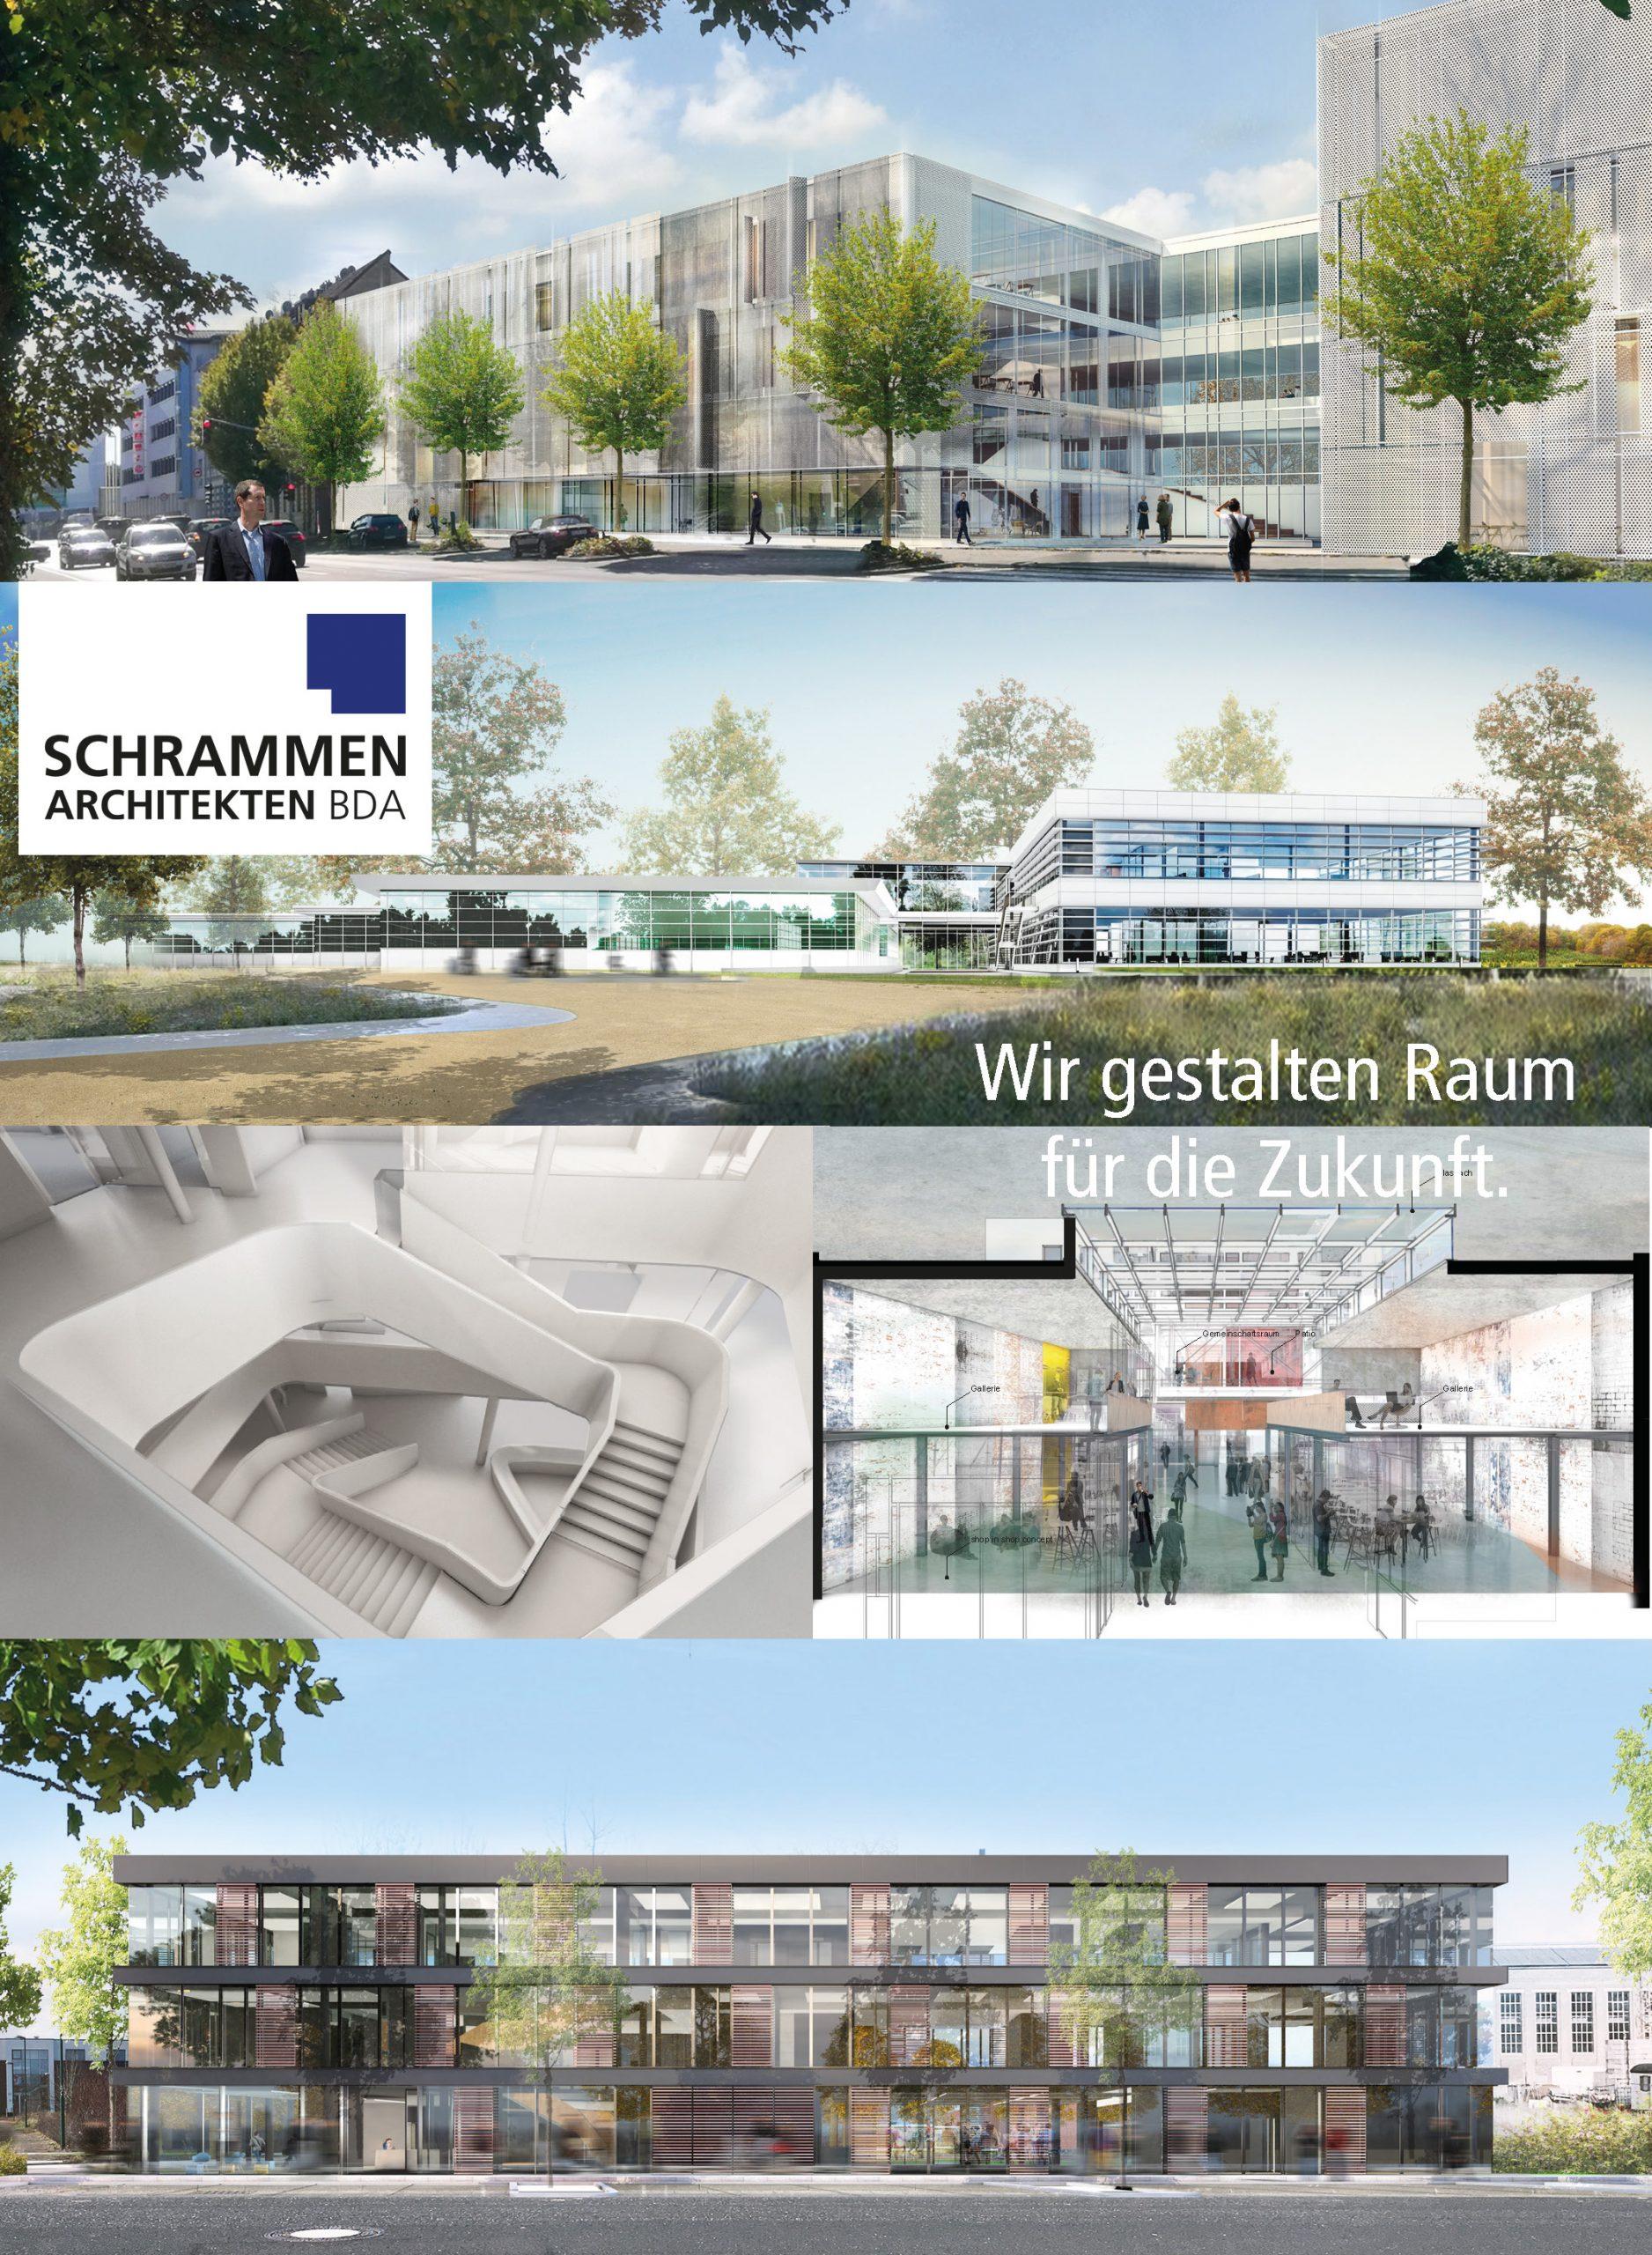 Schrammen Architekten 2021